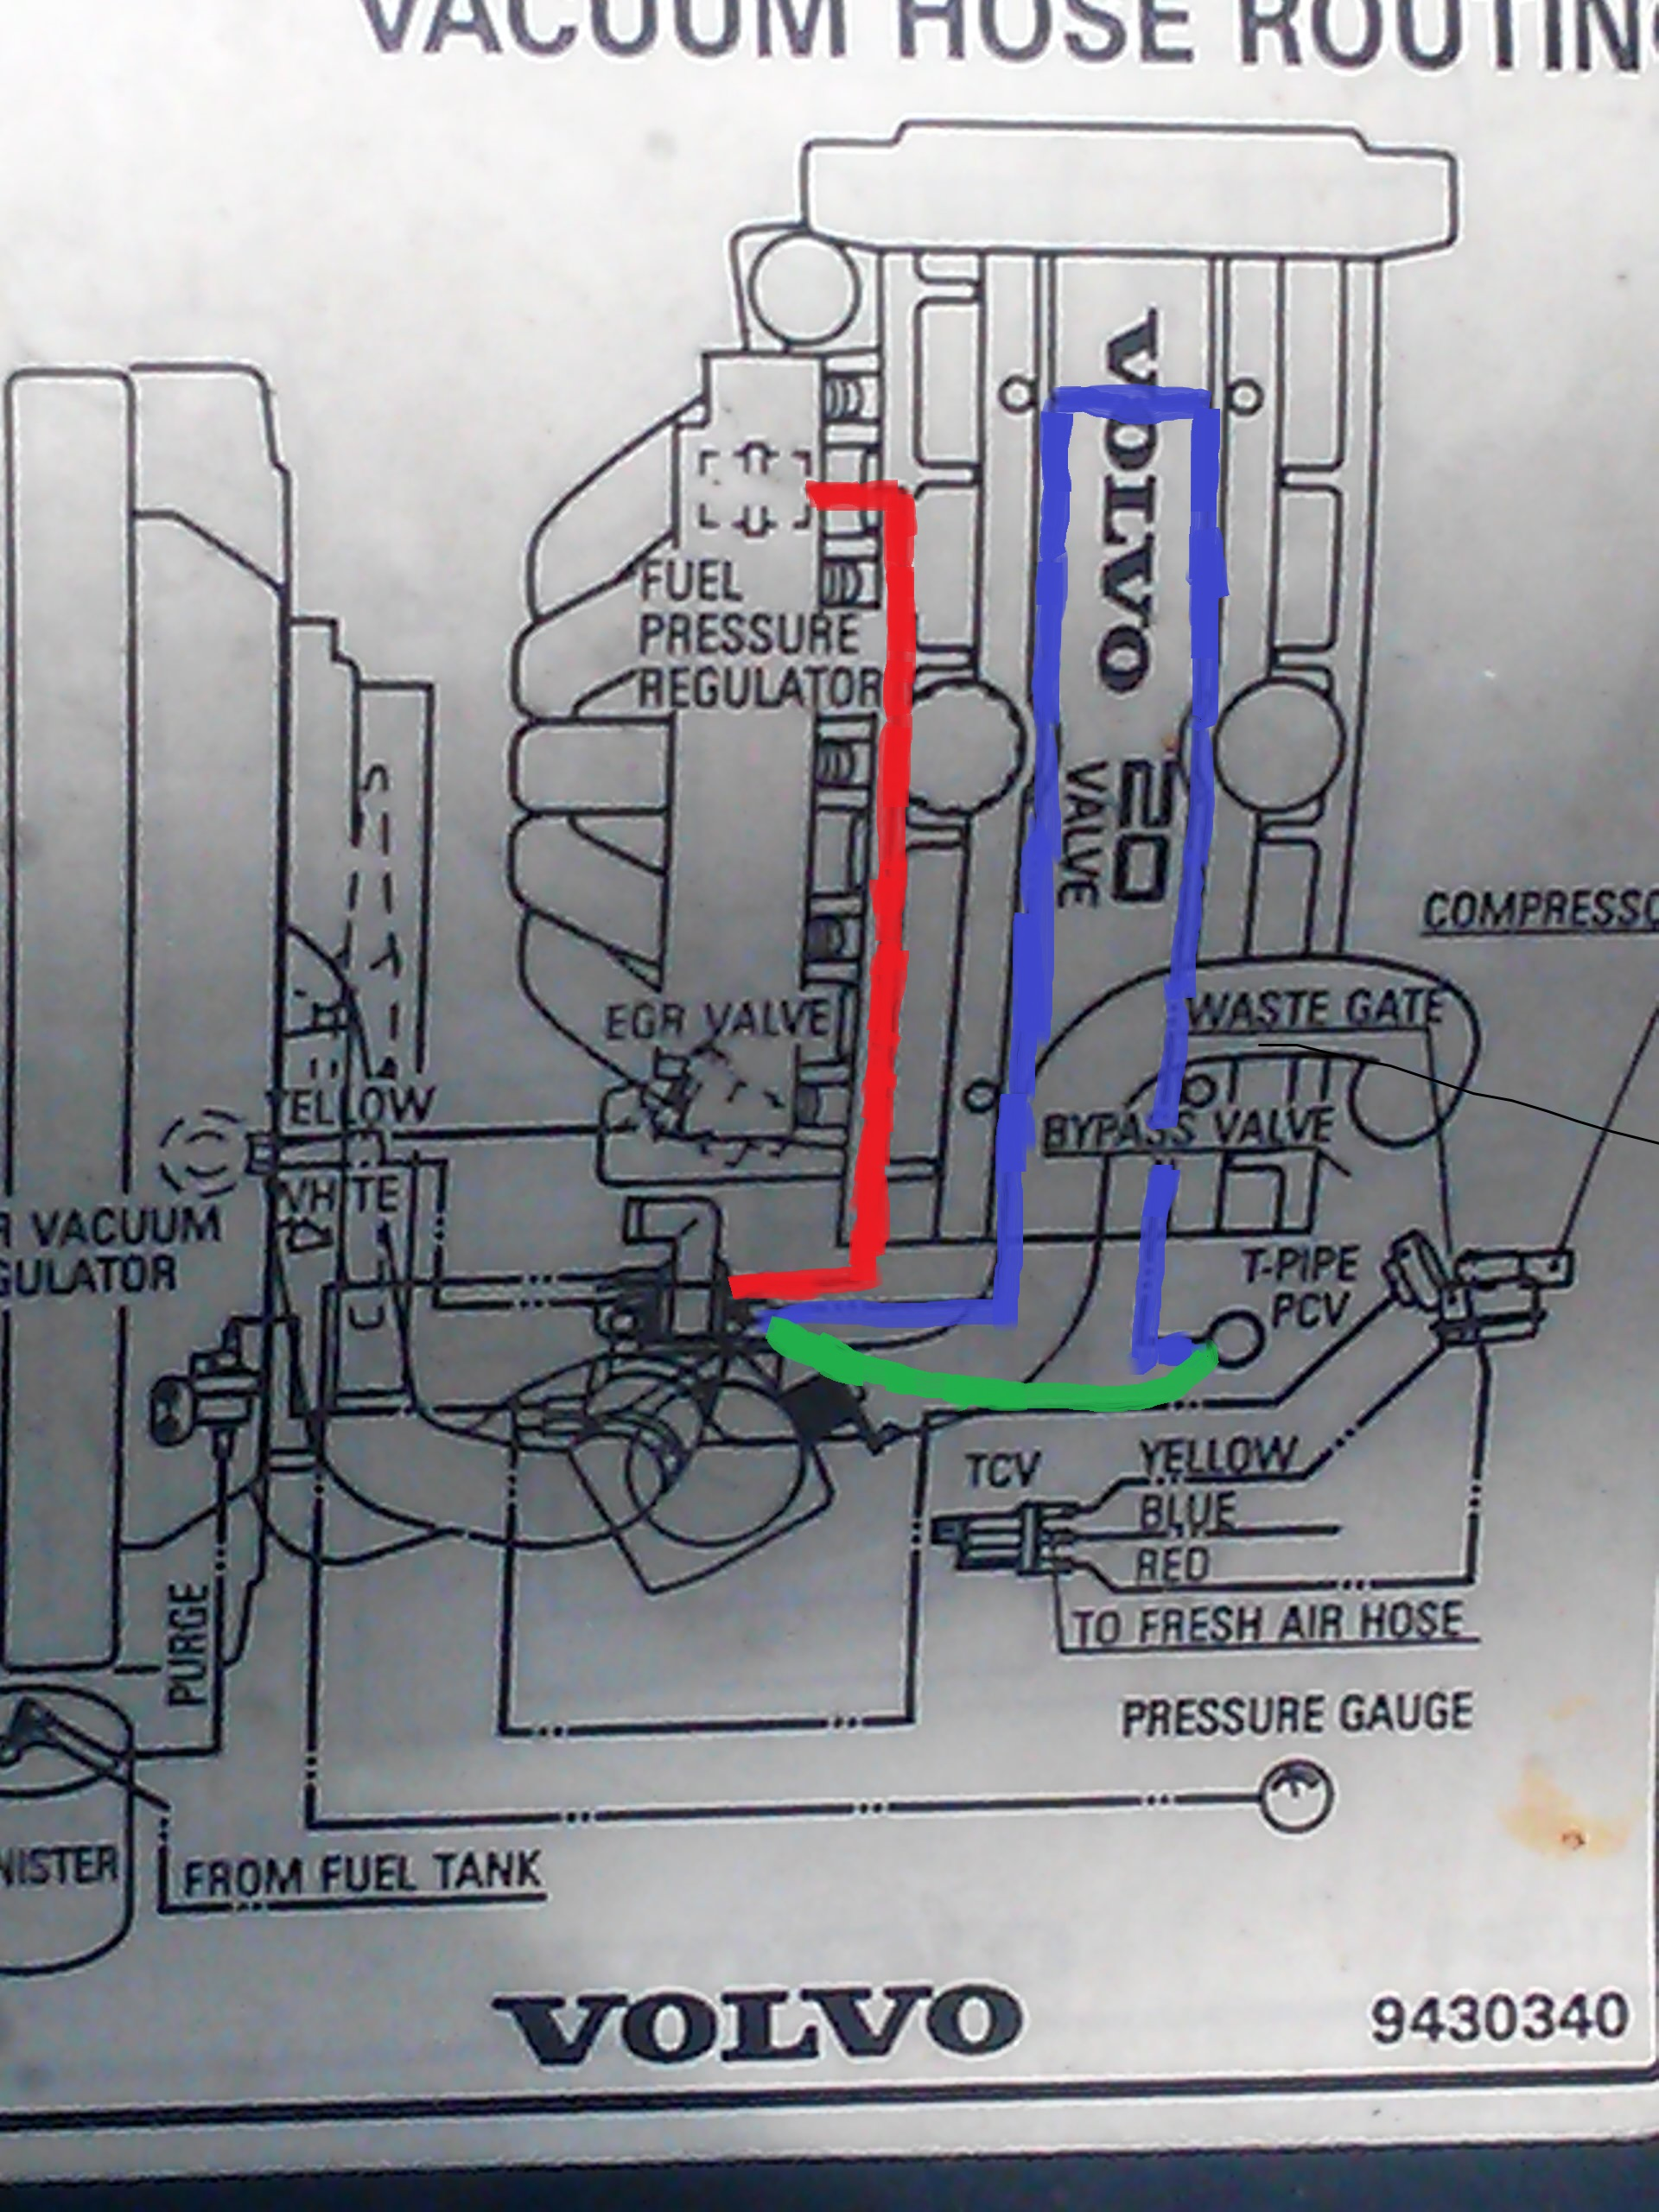 1994 850 turbo vacuumdiagram problem page 2